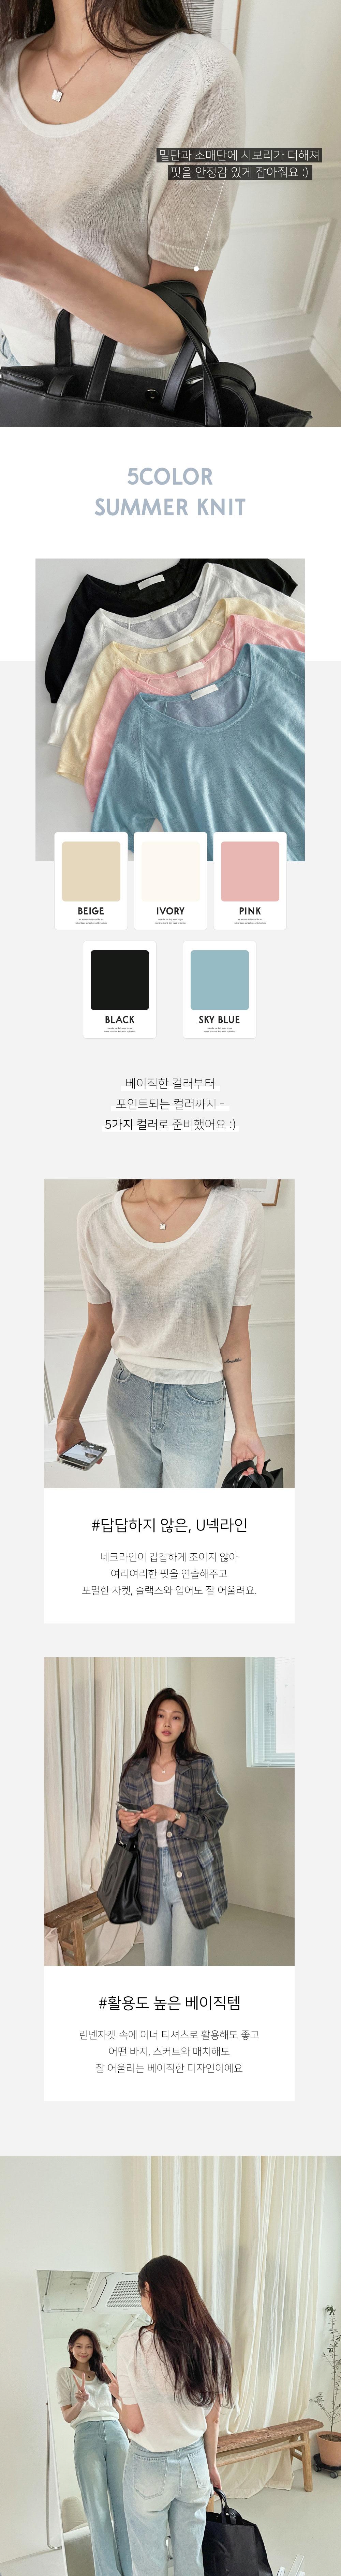 Plain U Neck Short Sleeve Knitwear